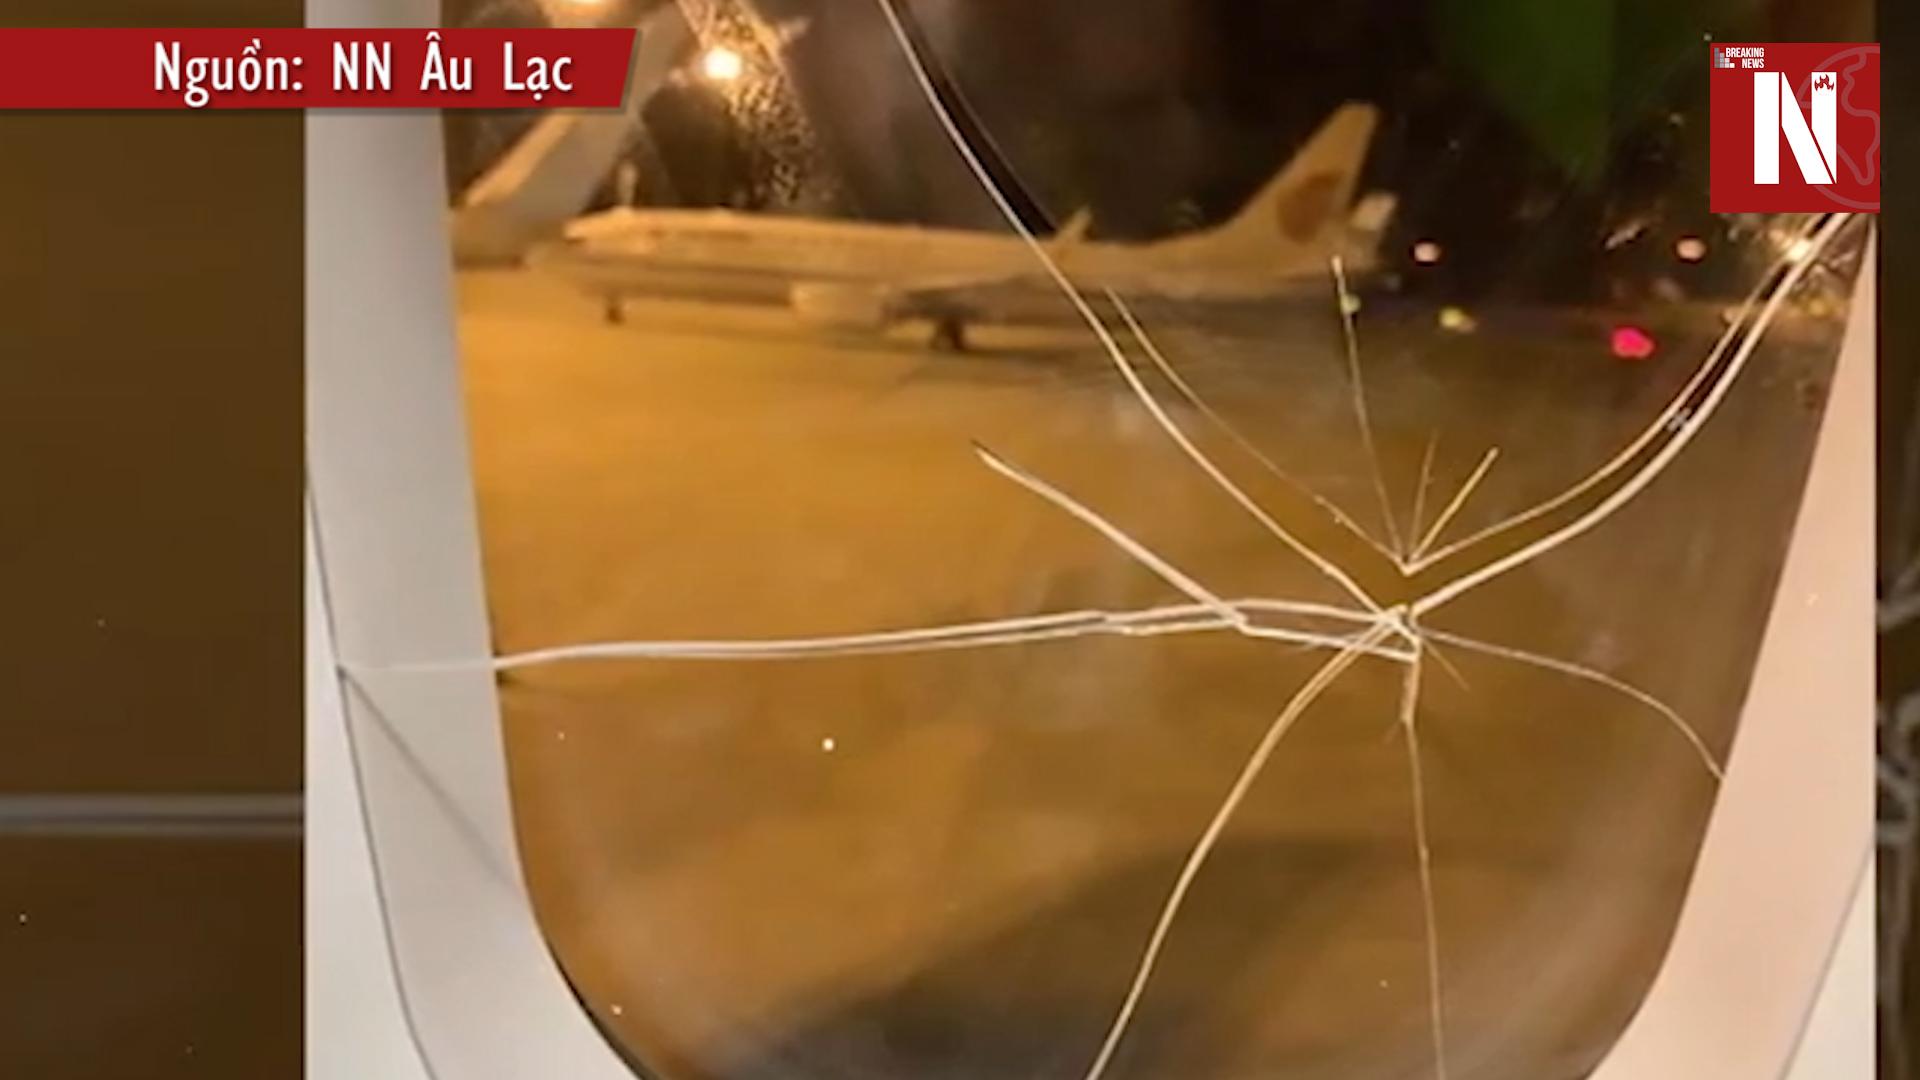 HY HỮU: Đấm vỡ cửa kính máy bay đang trên không vì... dỗi bạn trai | NÓNG